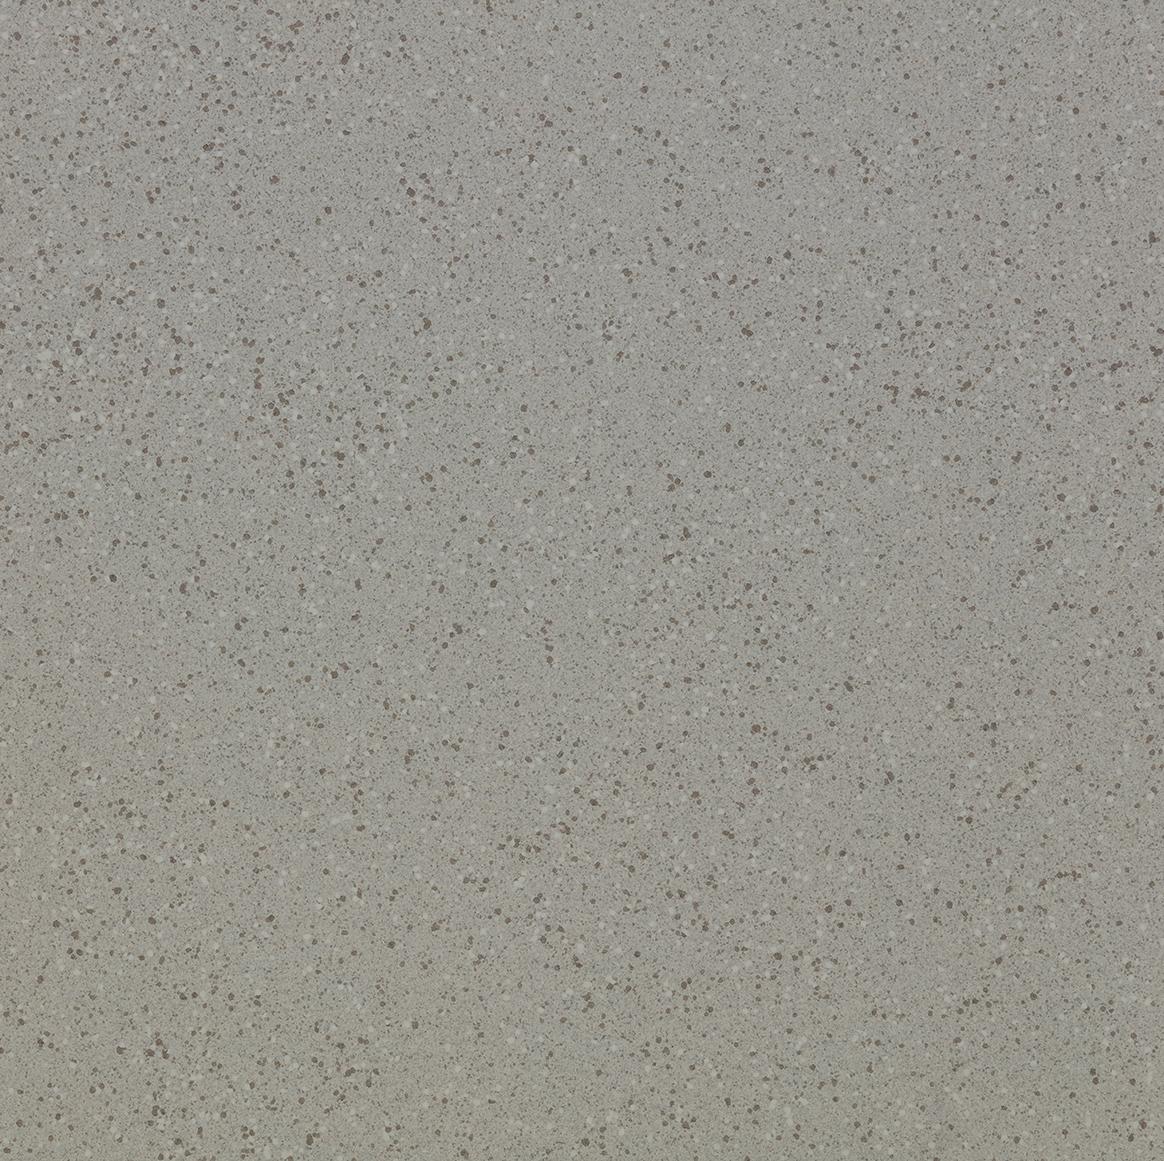 Hailstone tile